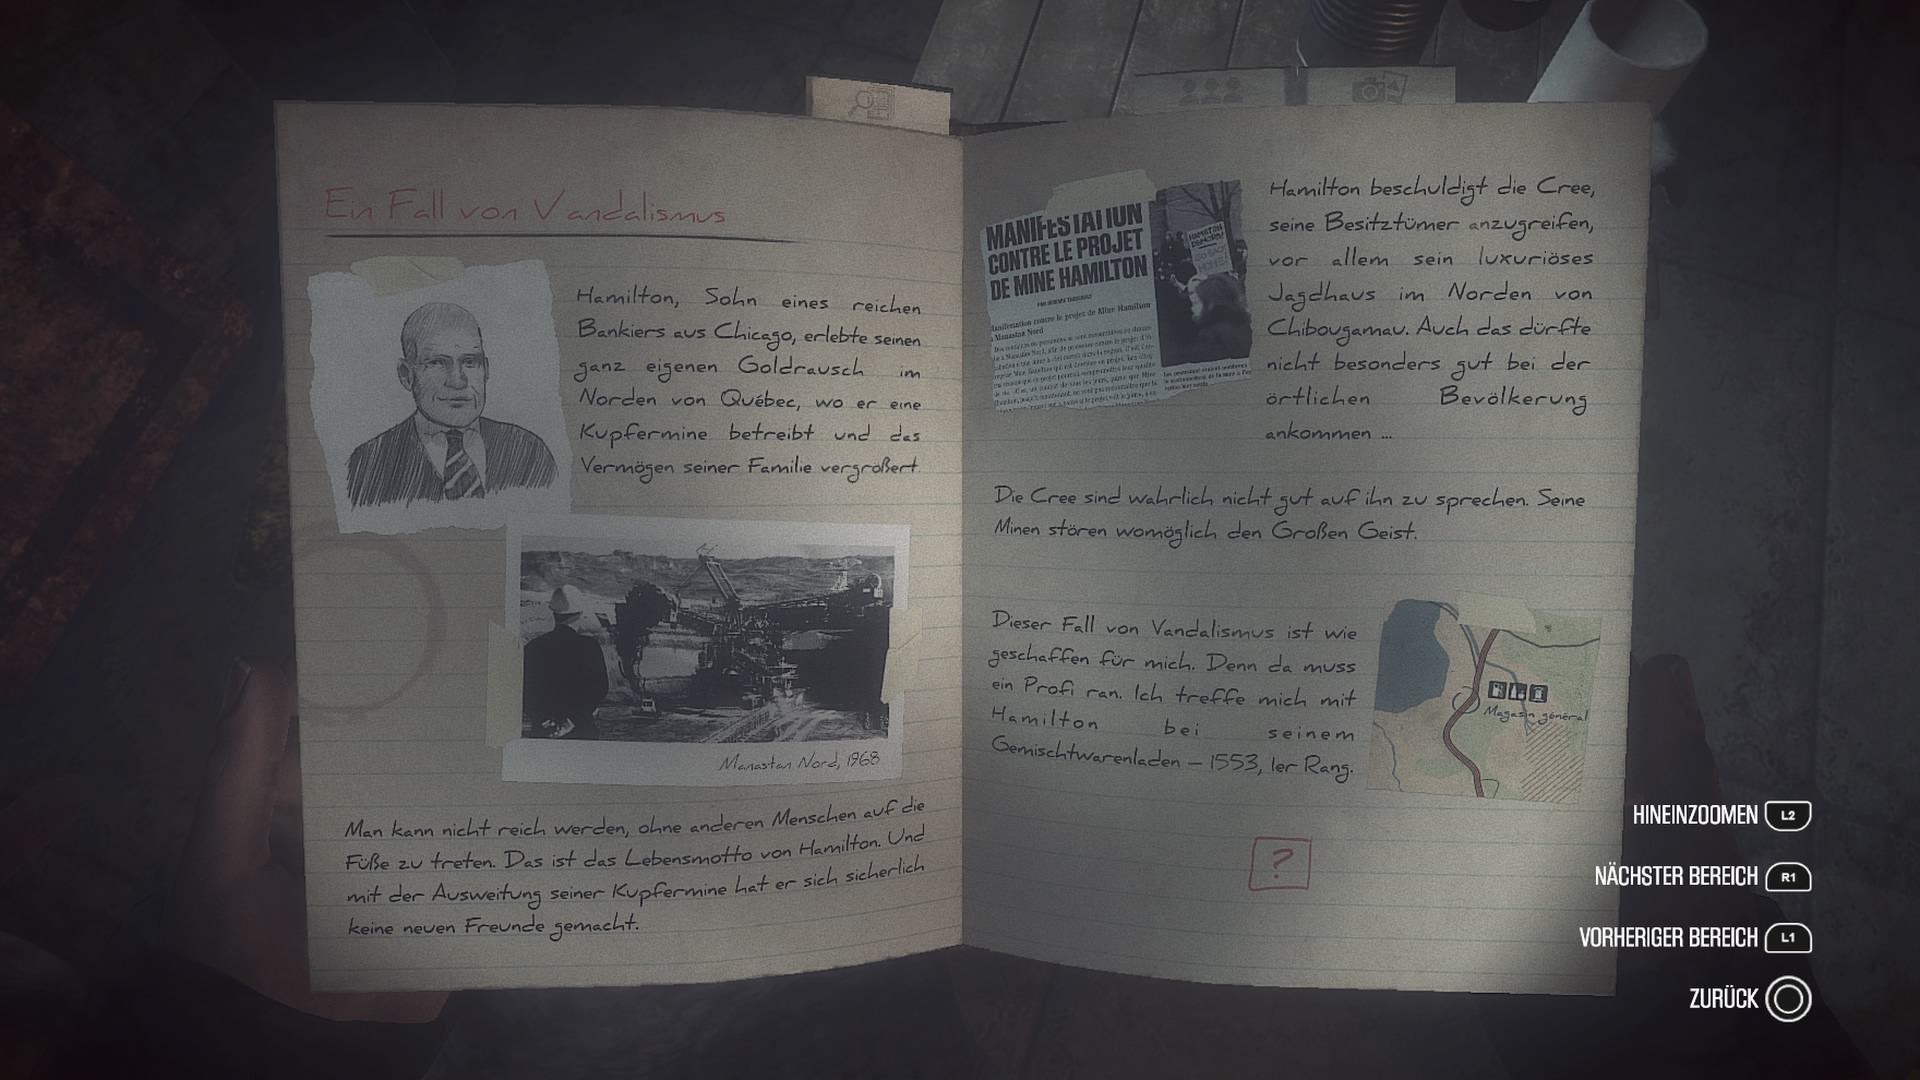 Carls Notizbuch ist eine hilfreiche Stütze für die Ermittlungen.